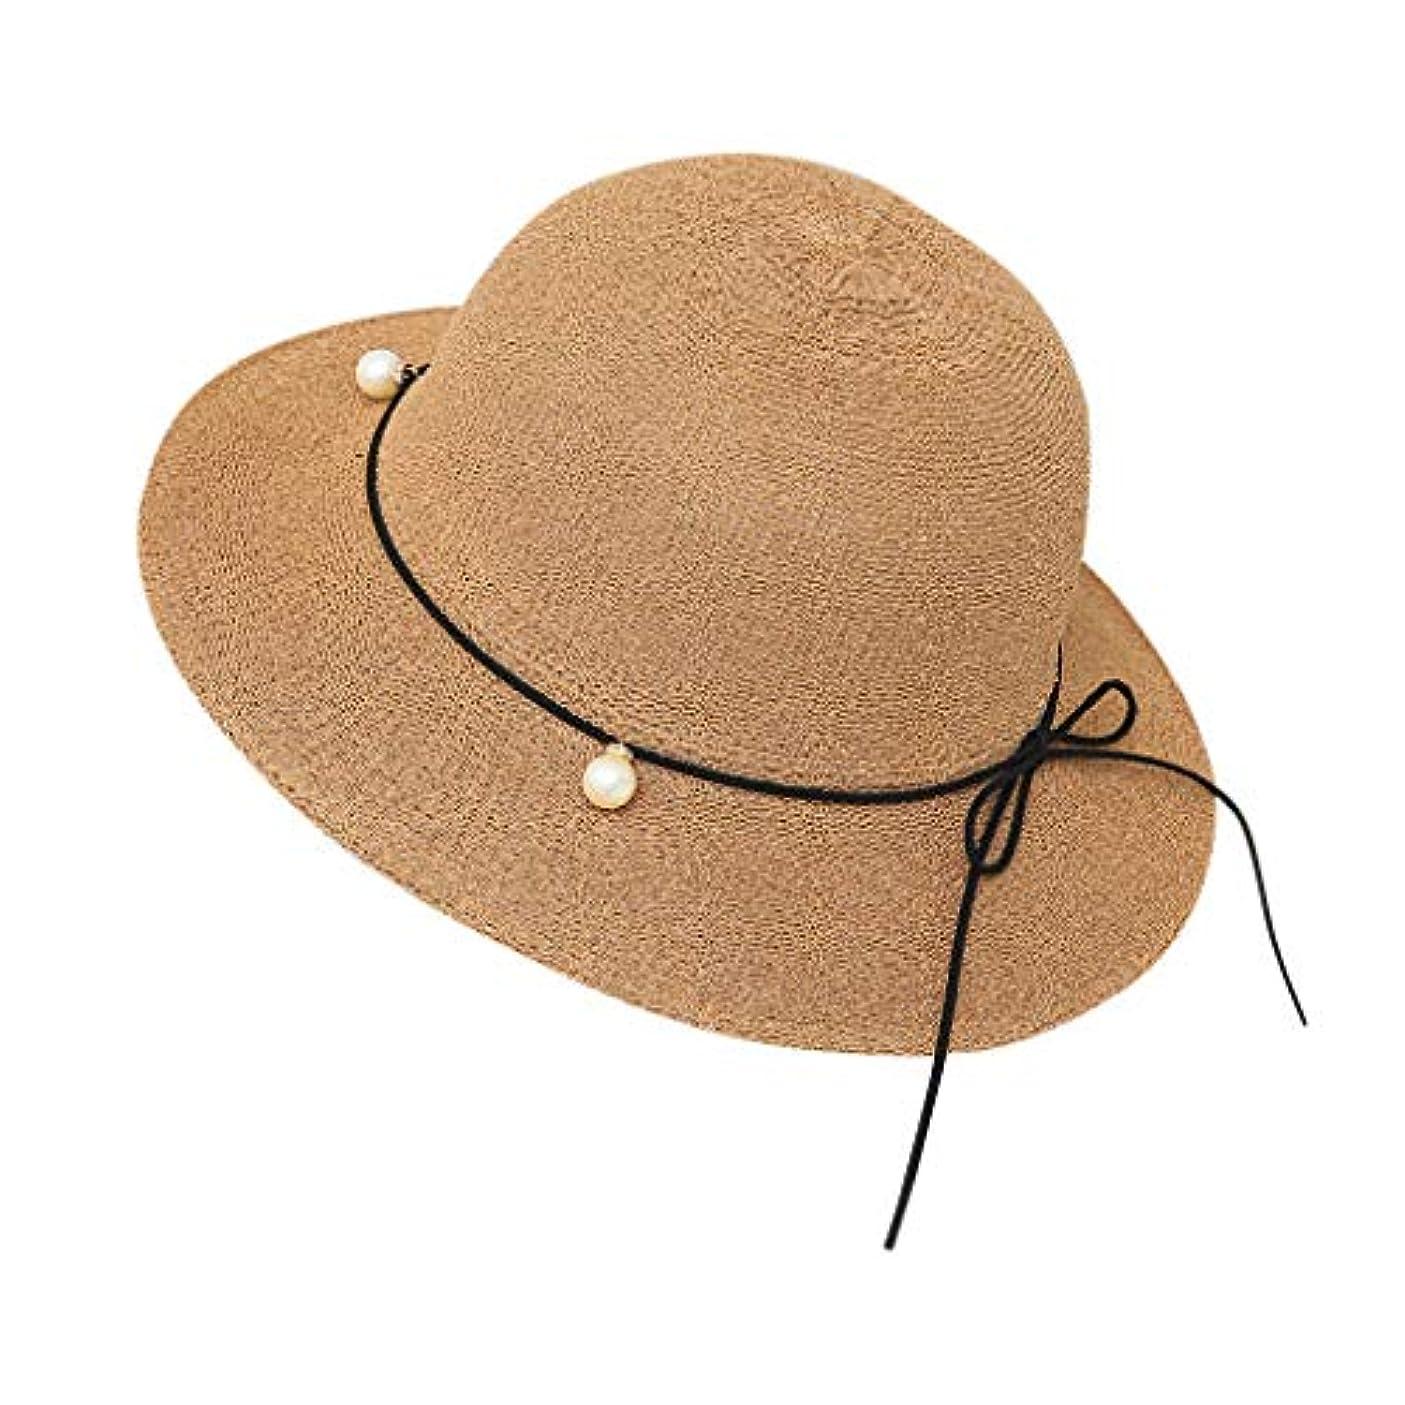 マーキング国民投票発火する帽子 レディース 夏 女性 UVカット 帽子 ハット 漁師帽 つば広 吸汗通気 紫外線対策 大きいサイズ 日焼け防止 サイズ調節 ベレー帽 帽子 レディース ビーチ 海辺 森ガール 女優帽 日よけ ROSE ROMAN